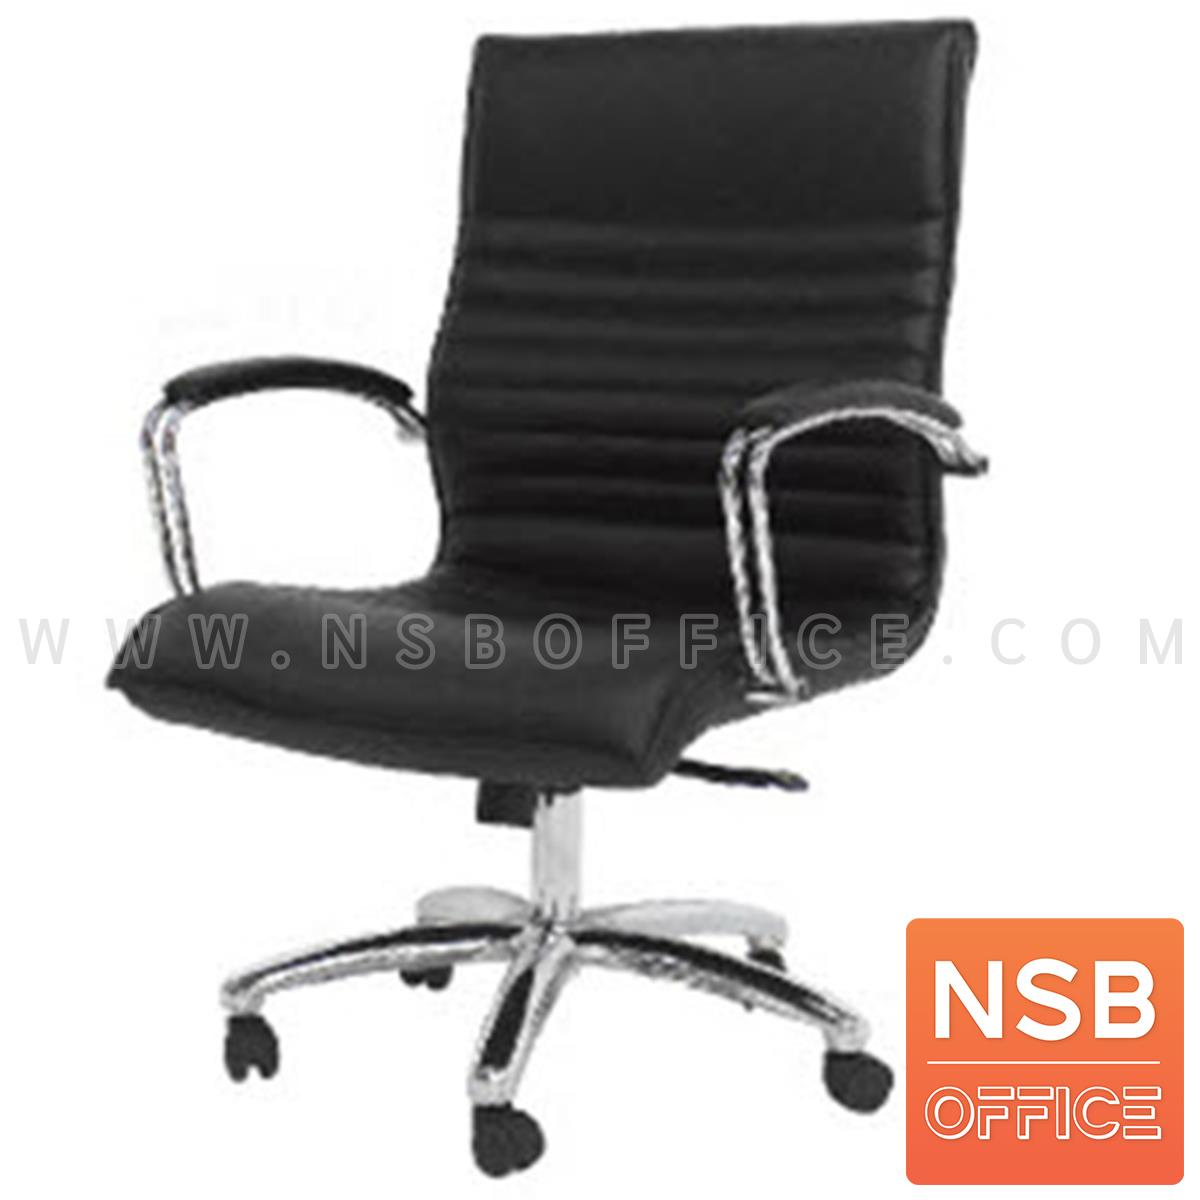 B01A539:เก้าอี้ผู้บริหาร รุ่น Starcarft   โช๊คแก๊ส ก้อนโยก ขาเหล็กชุบโครเมี่ยม